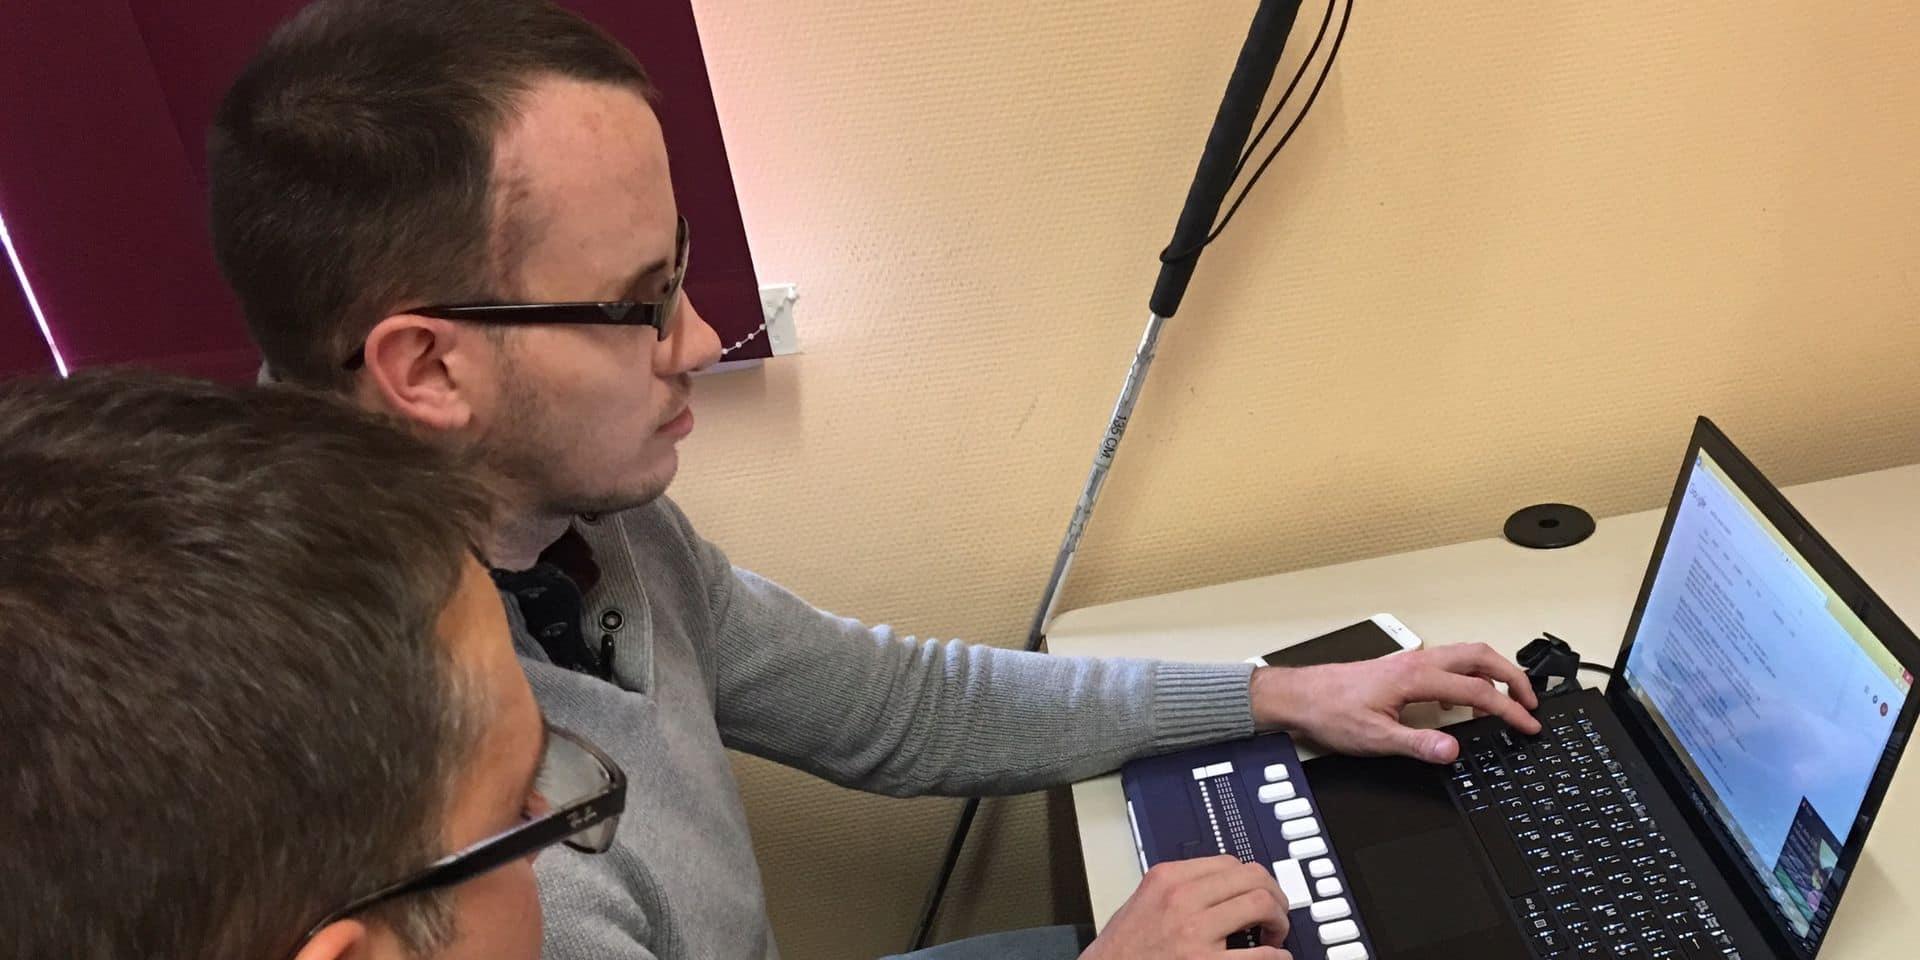 Courcelles : des formations d'informatique dédiées aux personnes malvoyantes